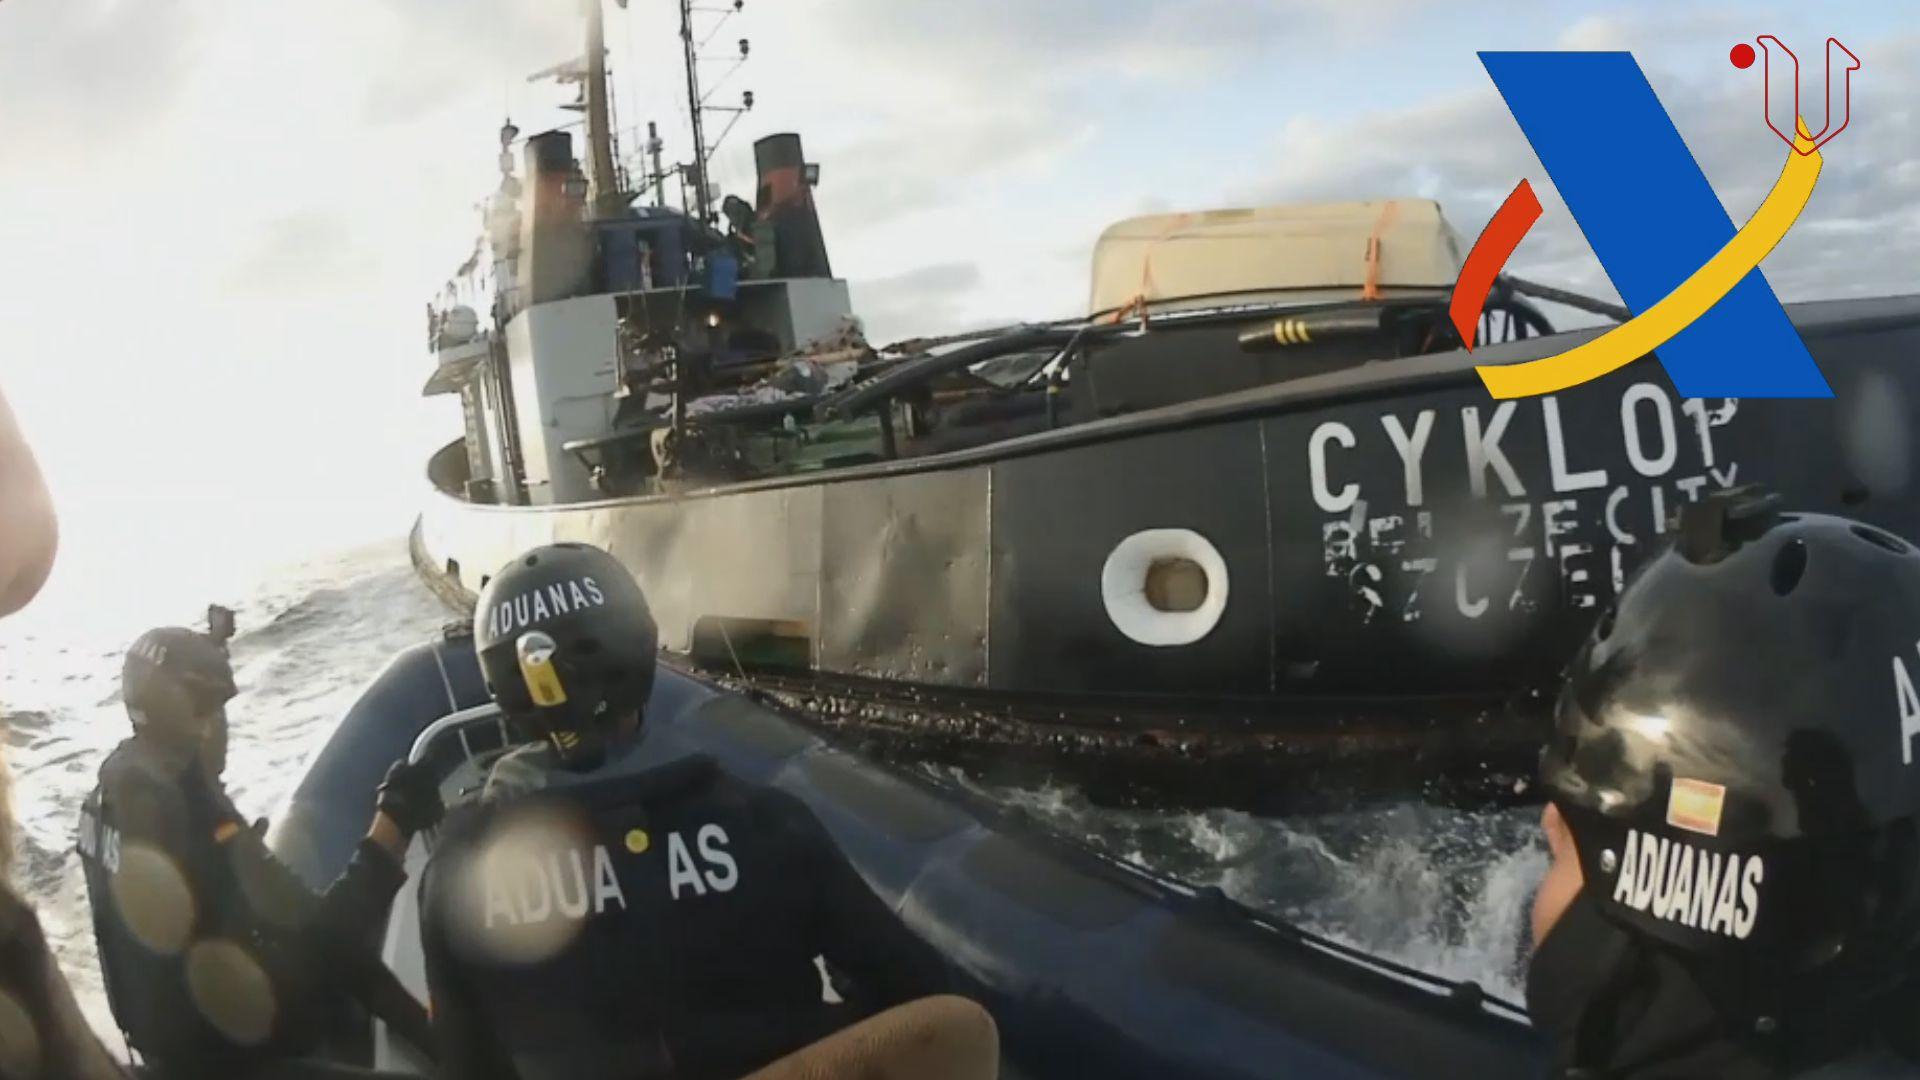 Así se abordó el remolcador que llevaba 15 toneladas de hachís.Fotografías de la embarcación interceptada en la Operación Gigante y de la carga de hachís que transportaba